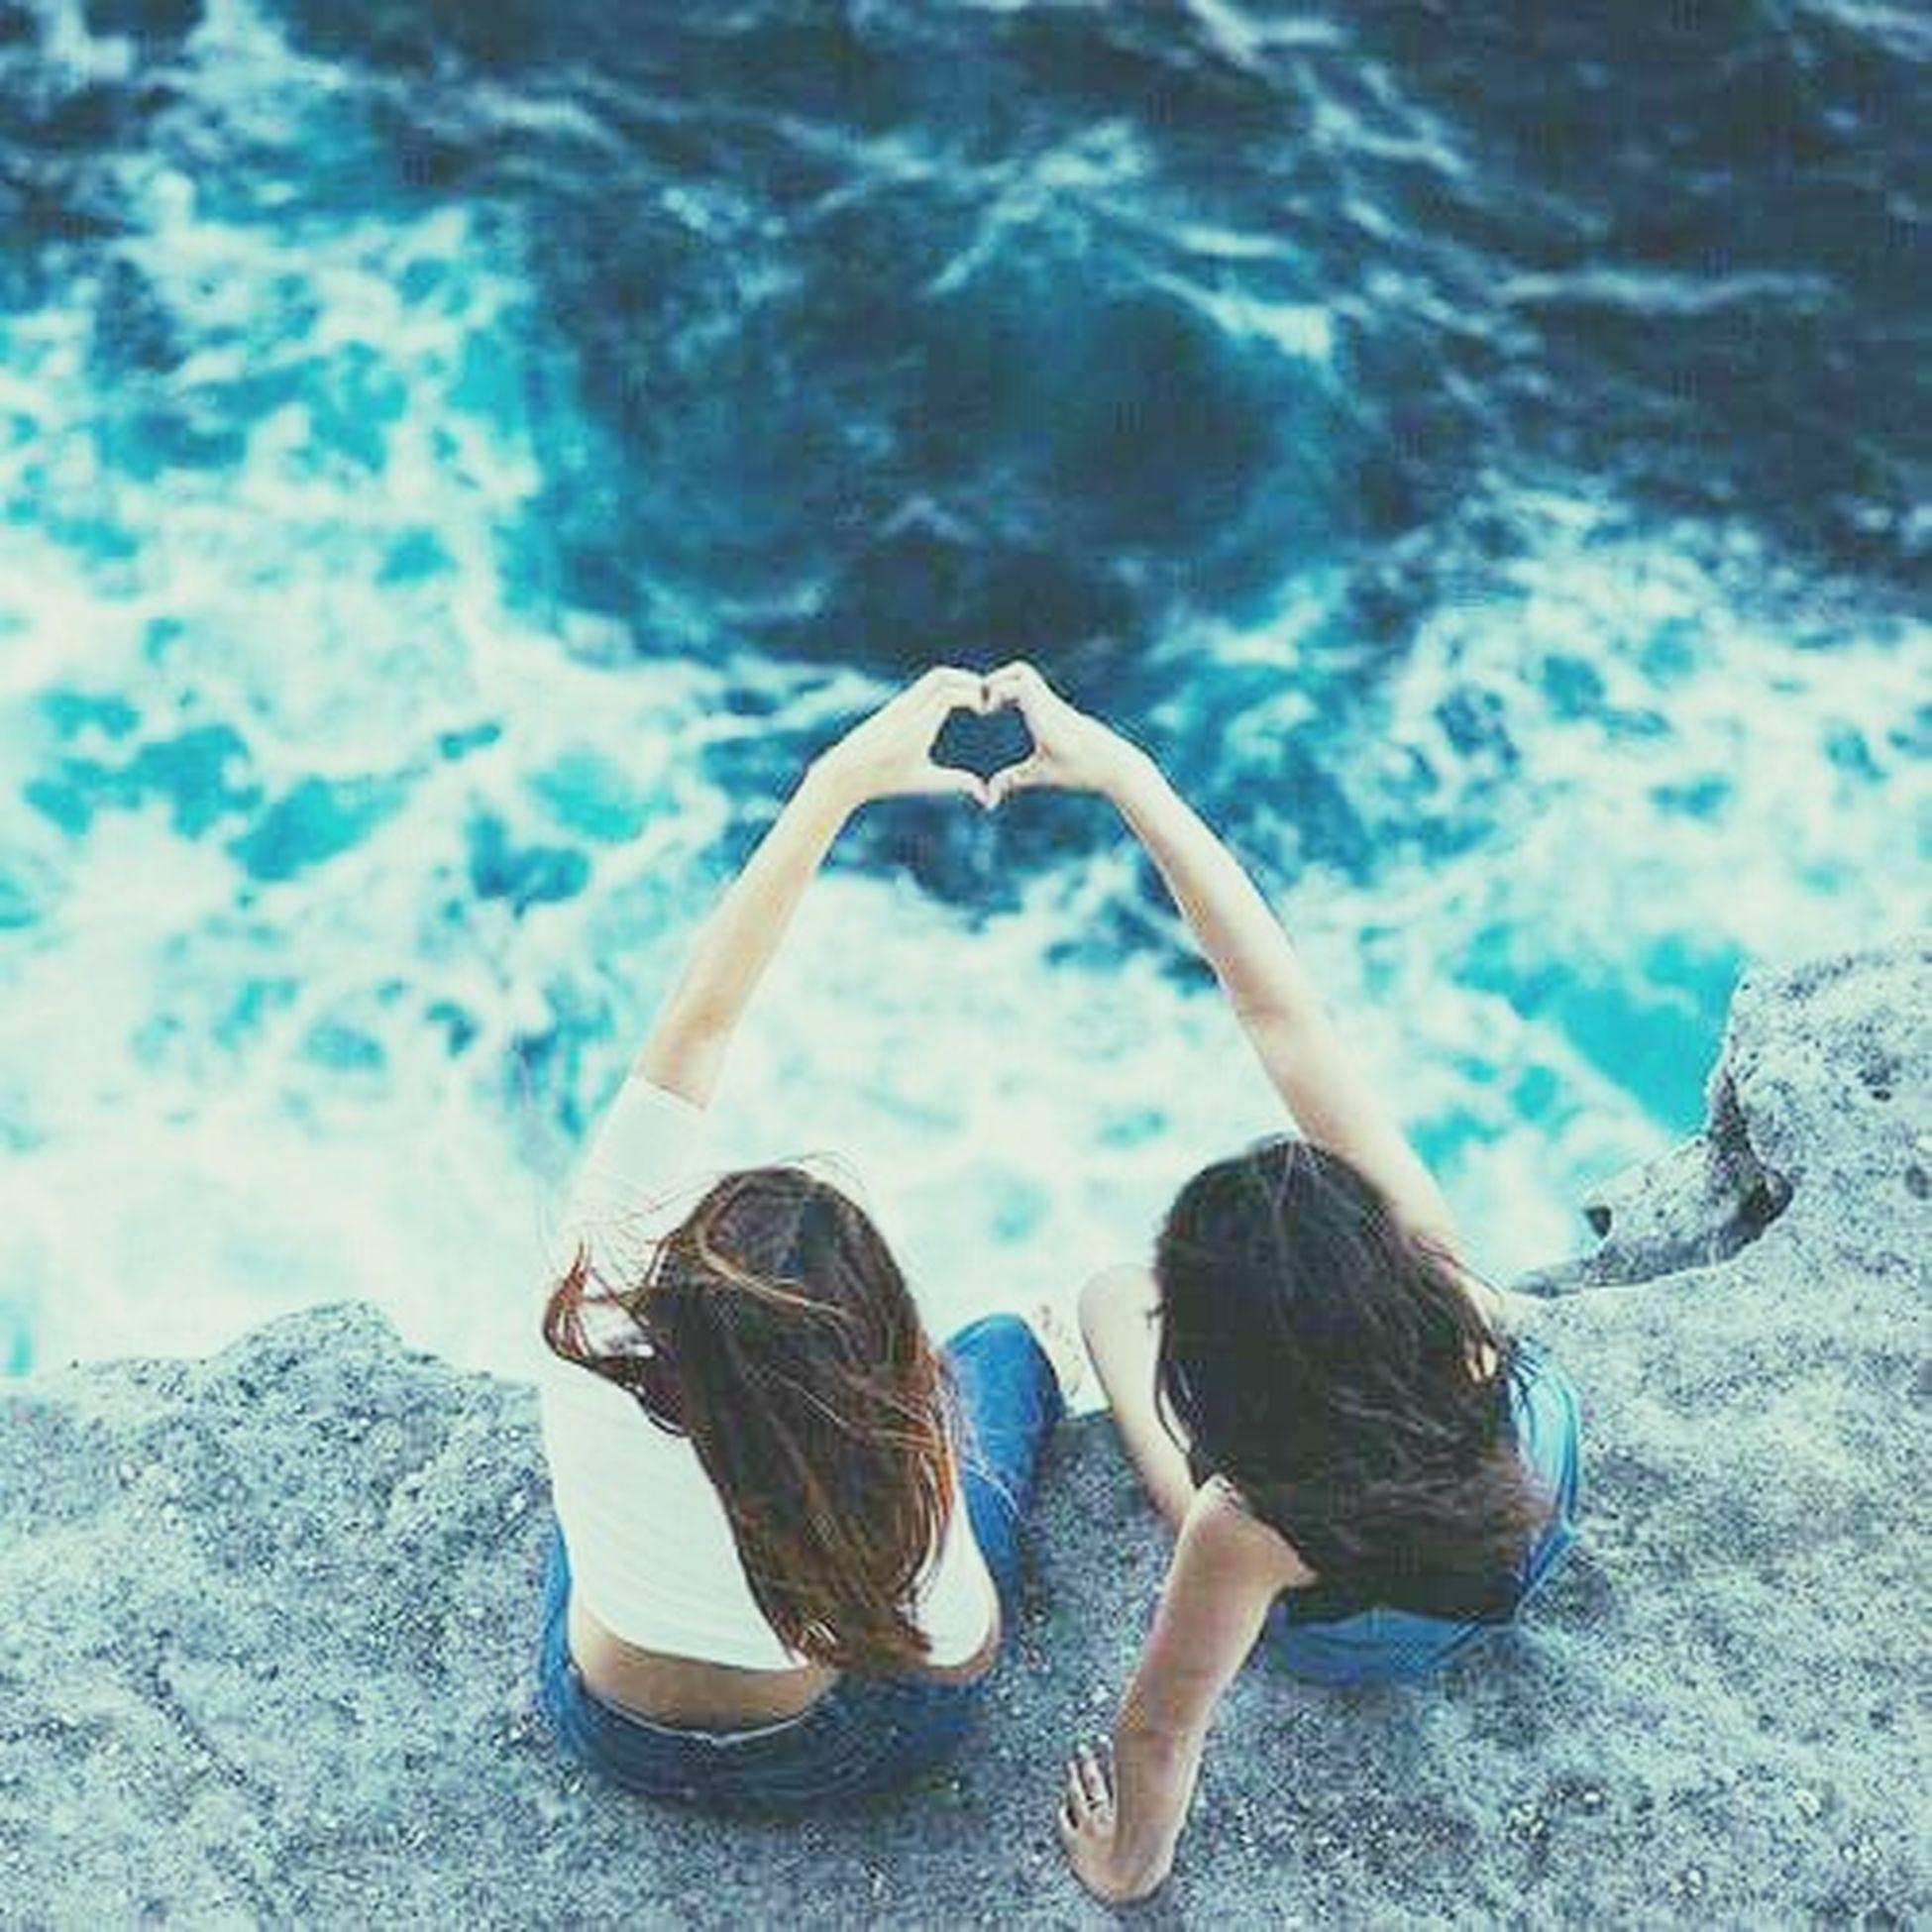 Gerçek dostlar tanrının bize vermeyi unuttuğu kardeşlerimizdir ♥♥♥♥ First Eyeem Photo